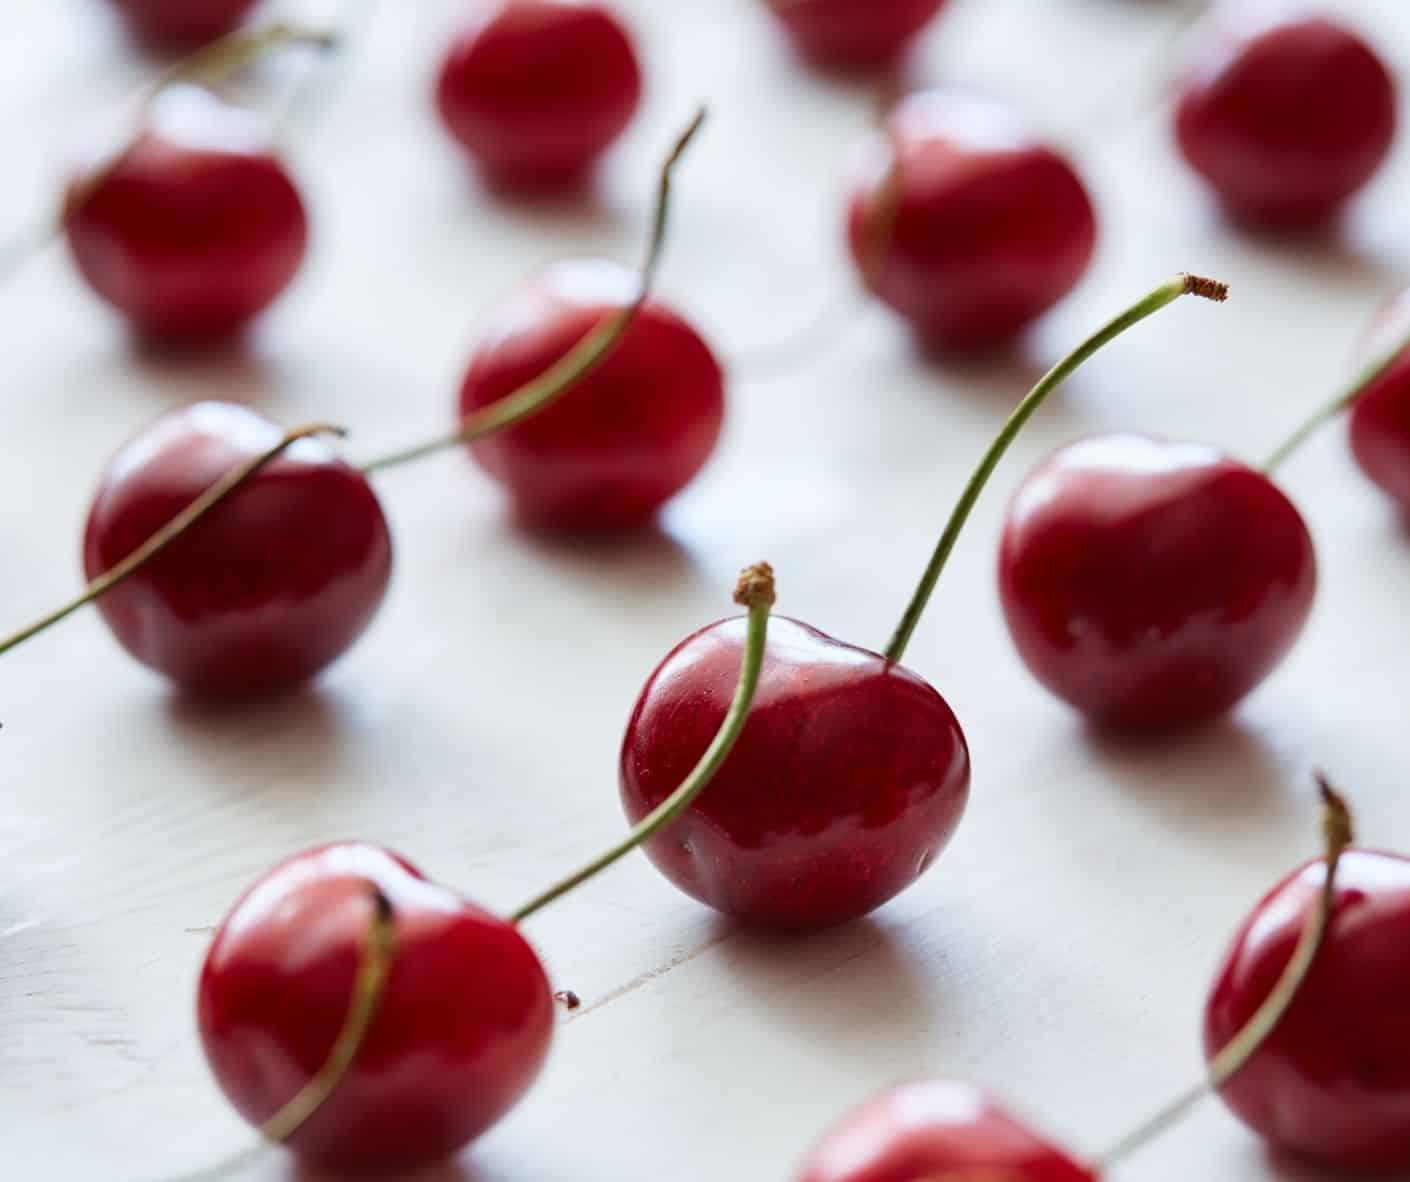 Photo of red cherries